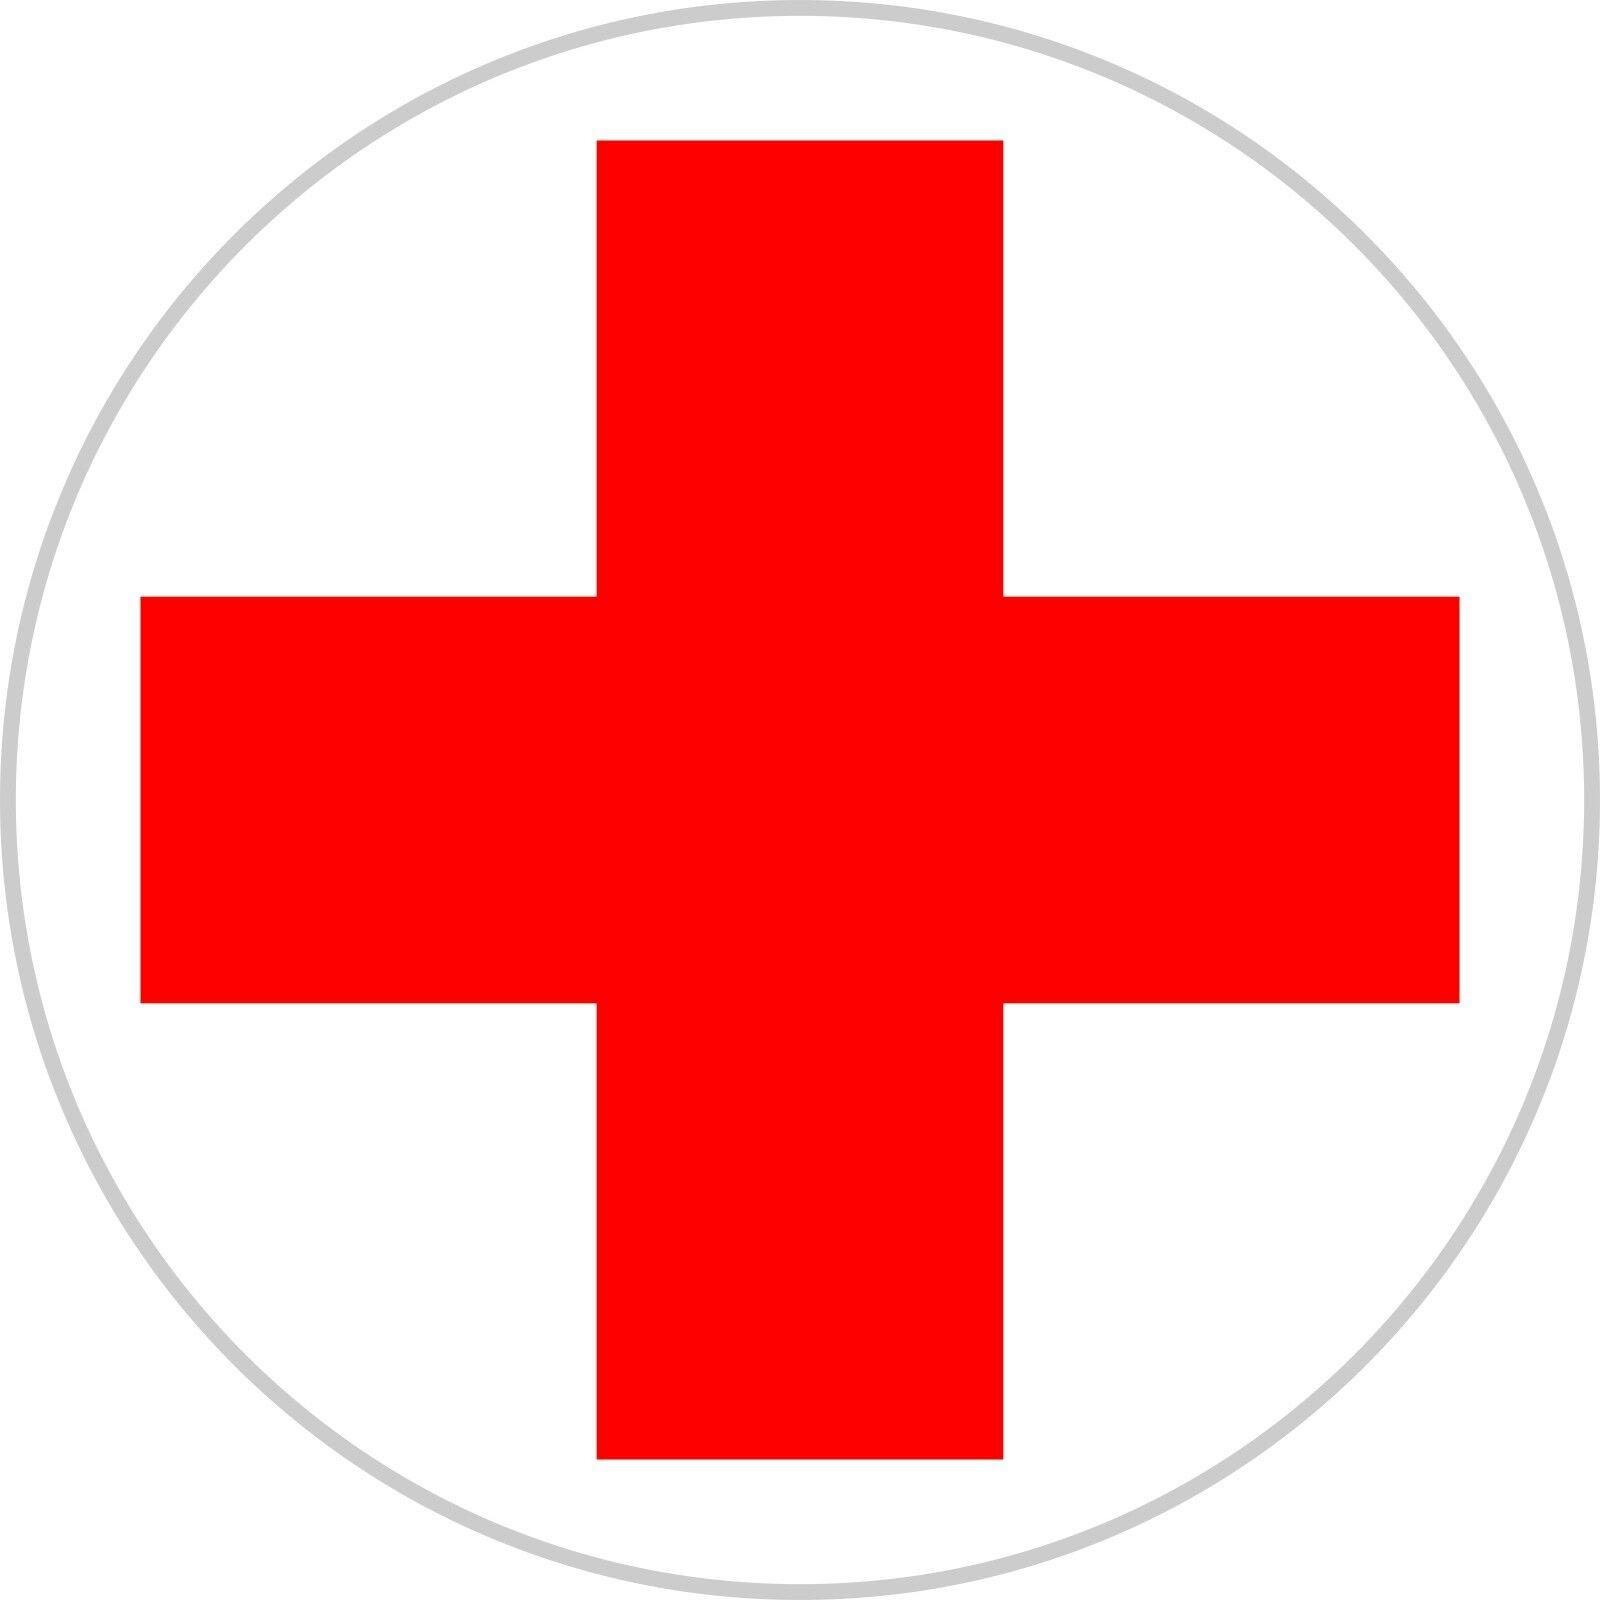 Rotes kreuz symbol  Aufkleber Rotes Kreuz DRK Erste Hilfe Verbandskasten 5 - 40 cm ...